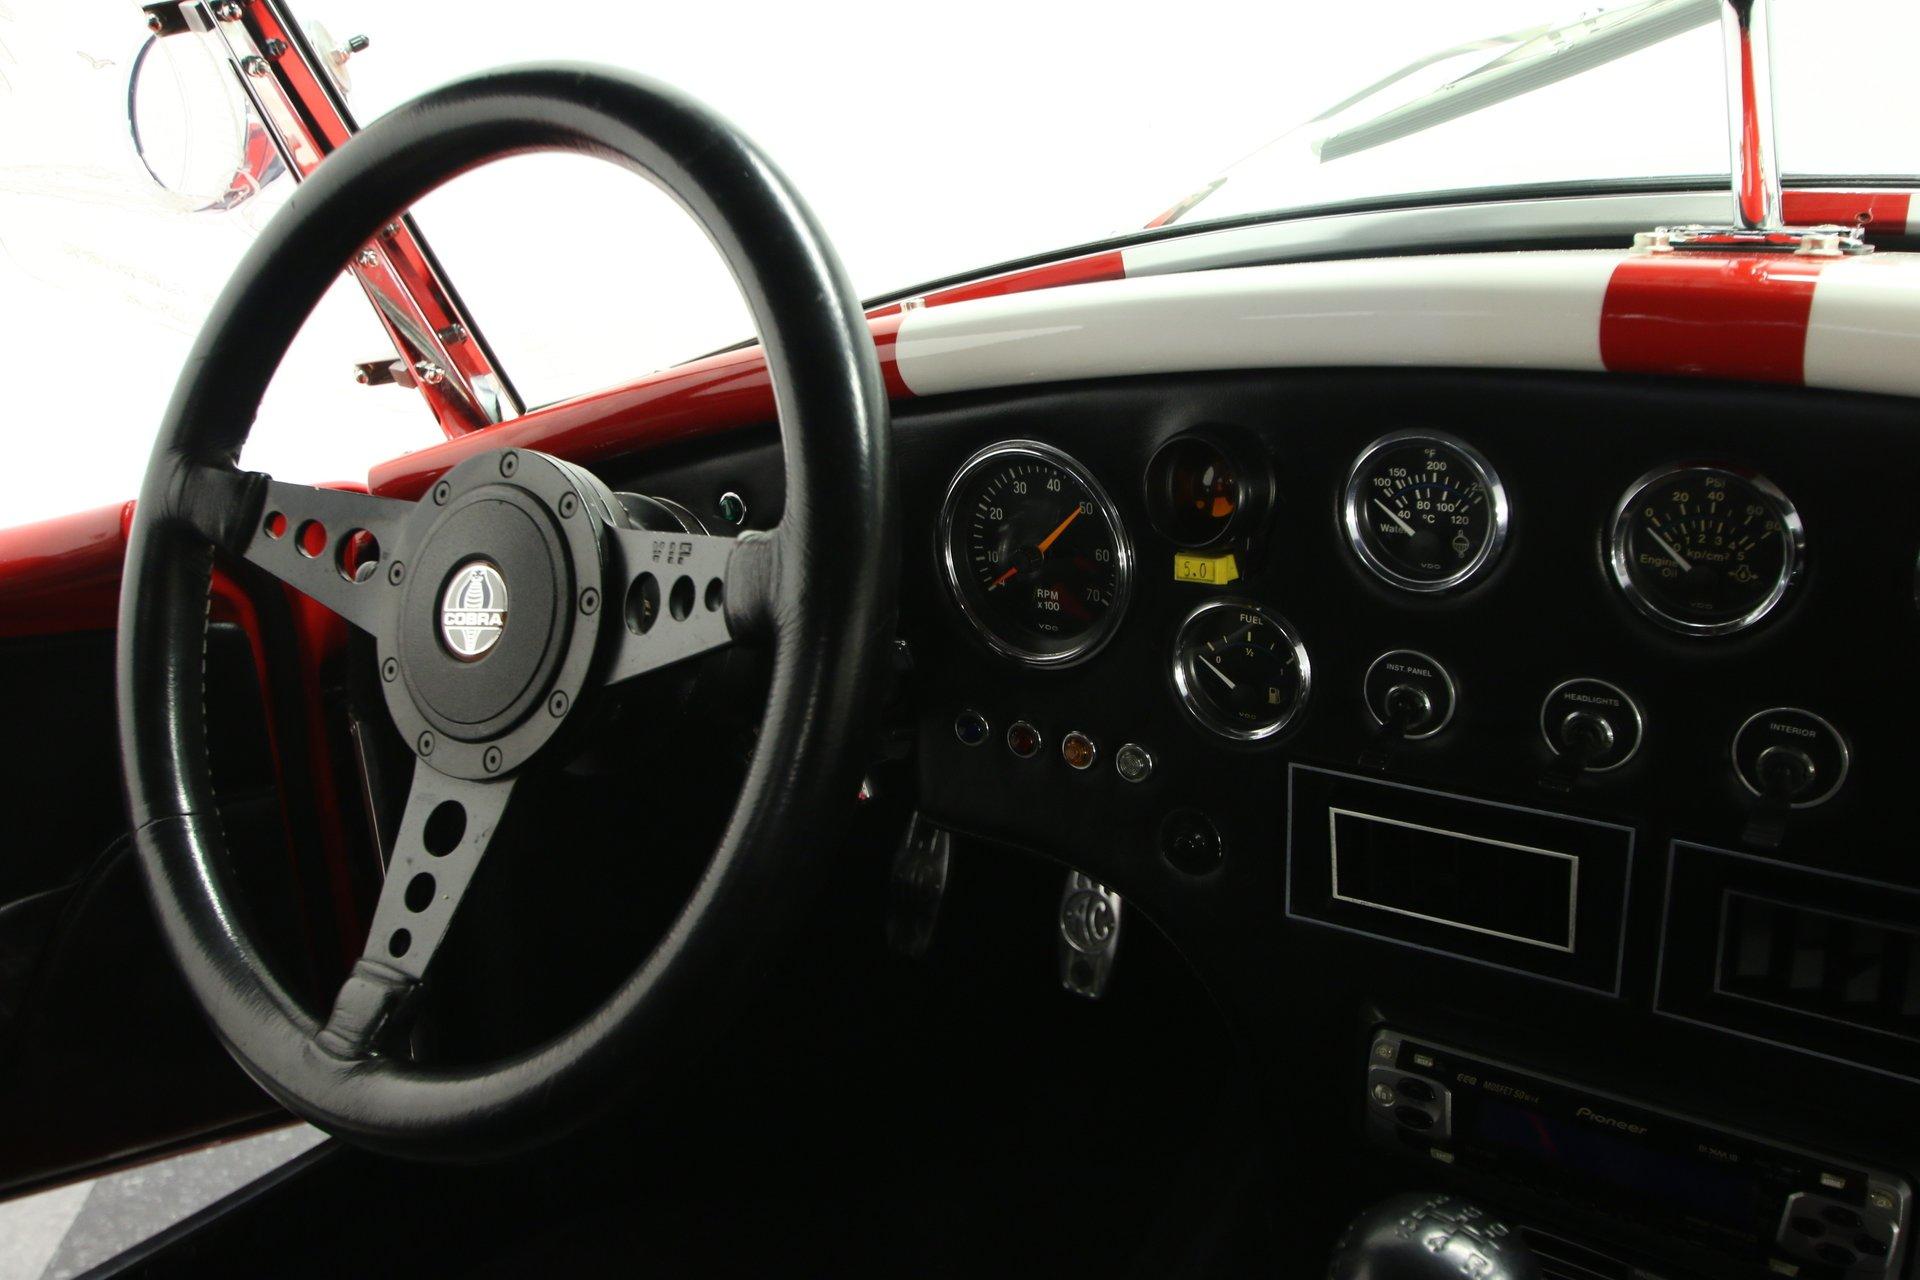 1994 Shelby Cobra | Streetside Classics - The Nation's